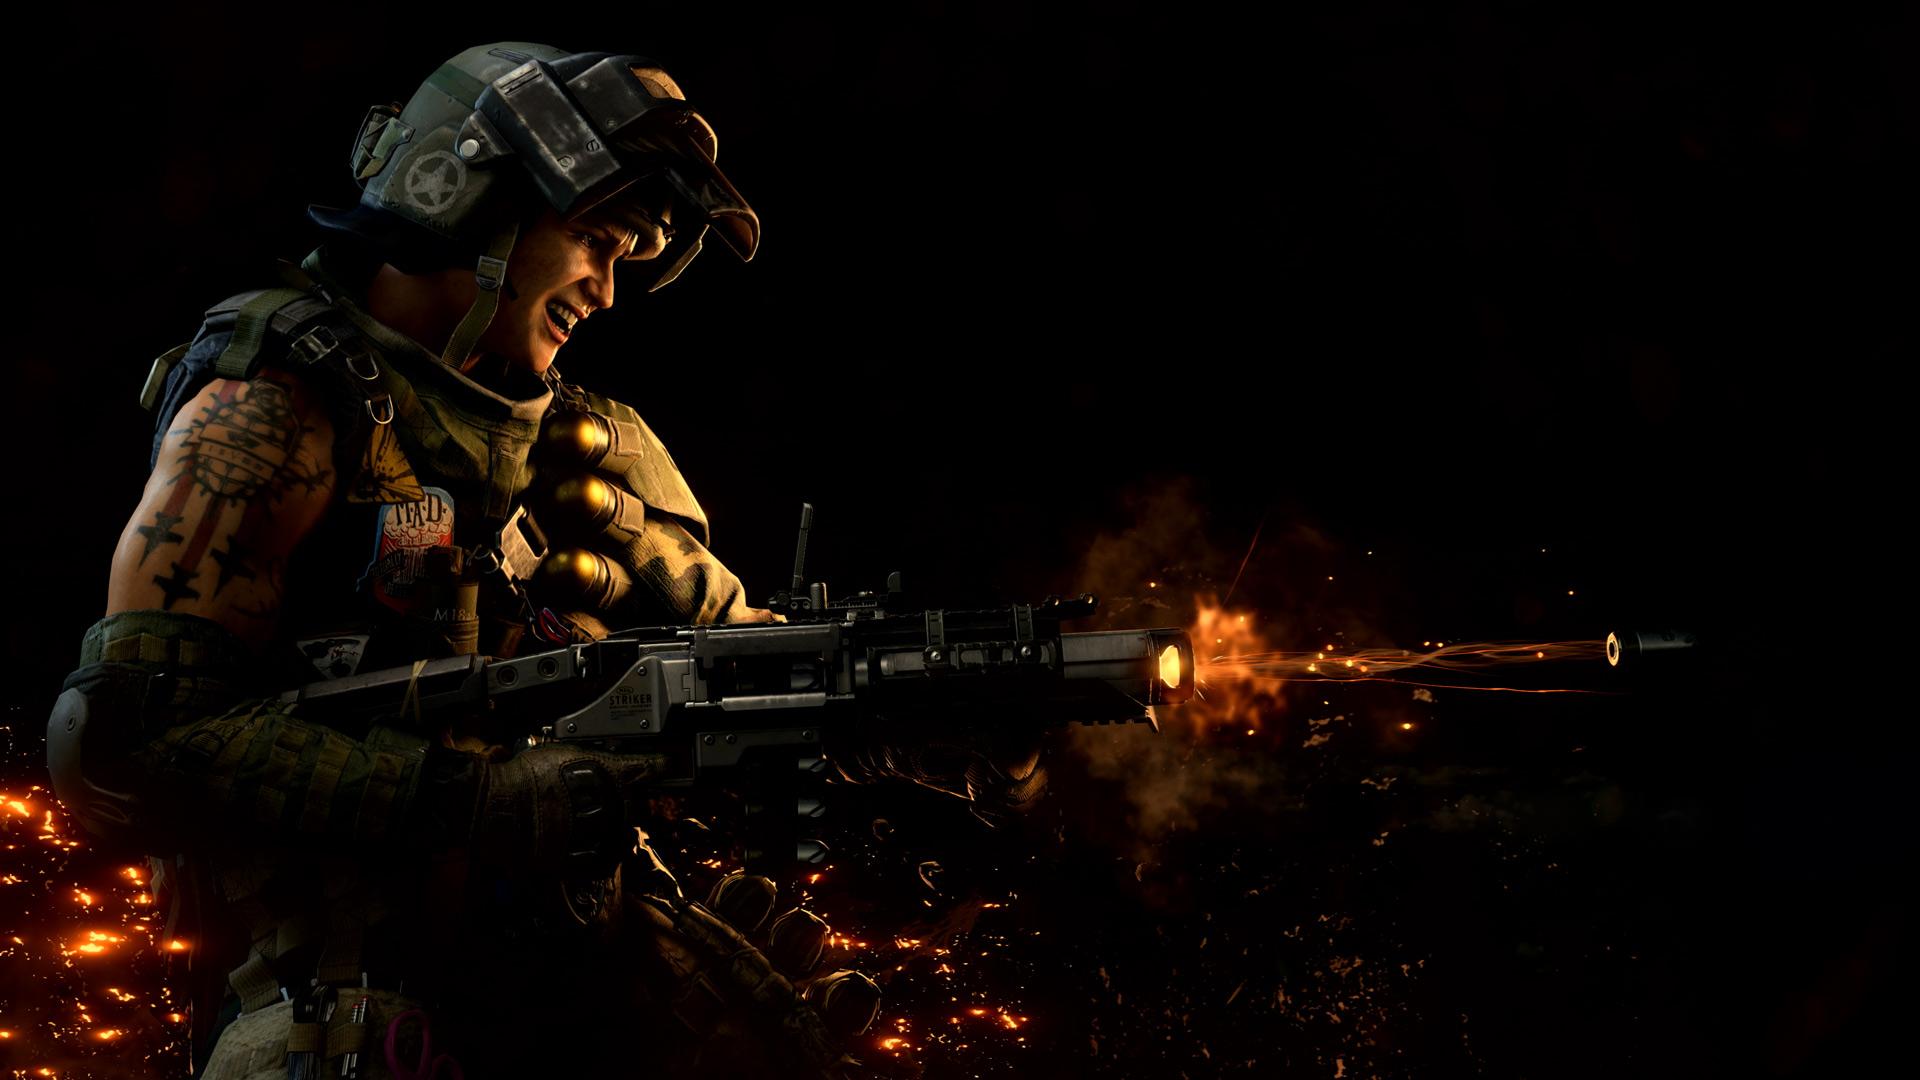 Call of Duty čierny Ops 2 dohazování crack